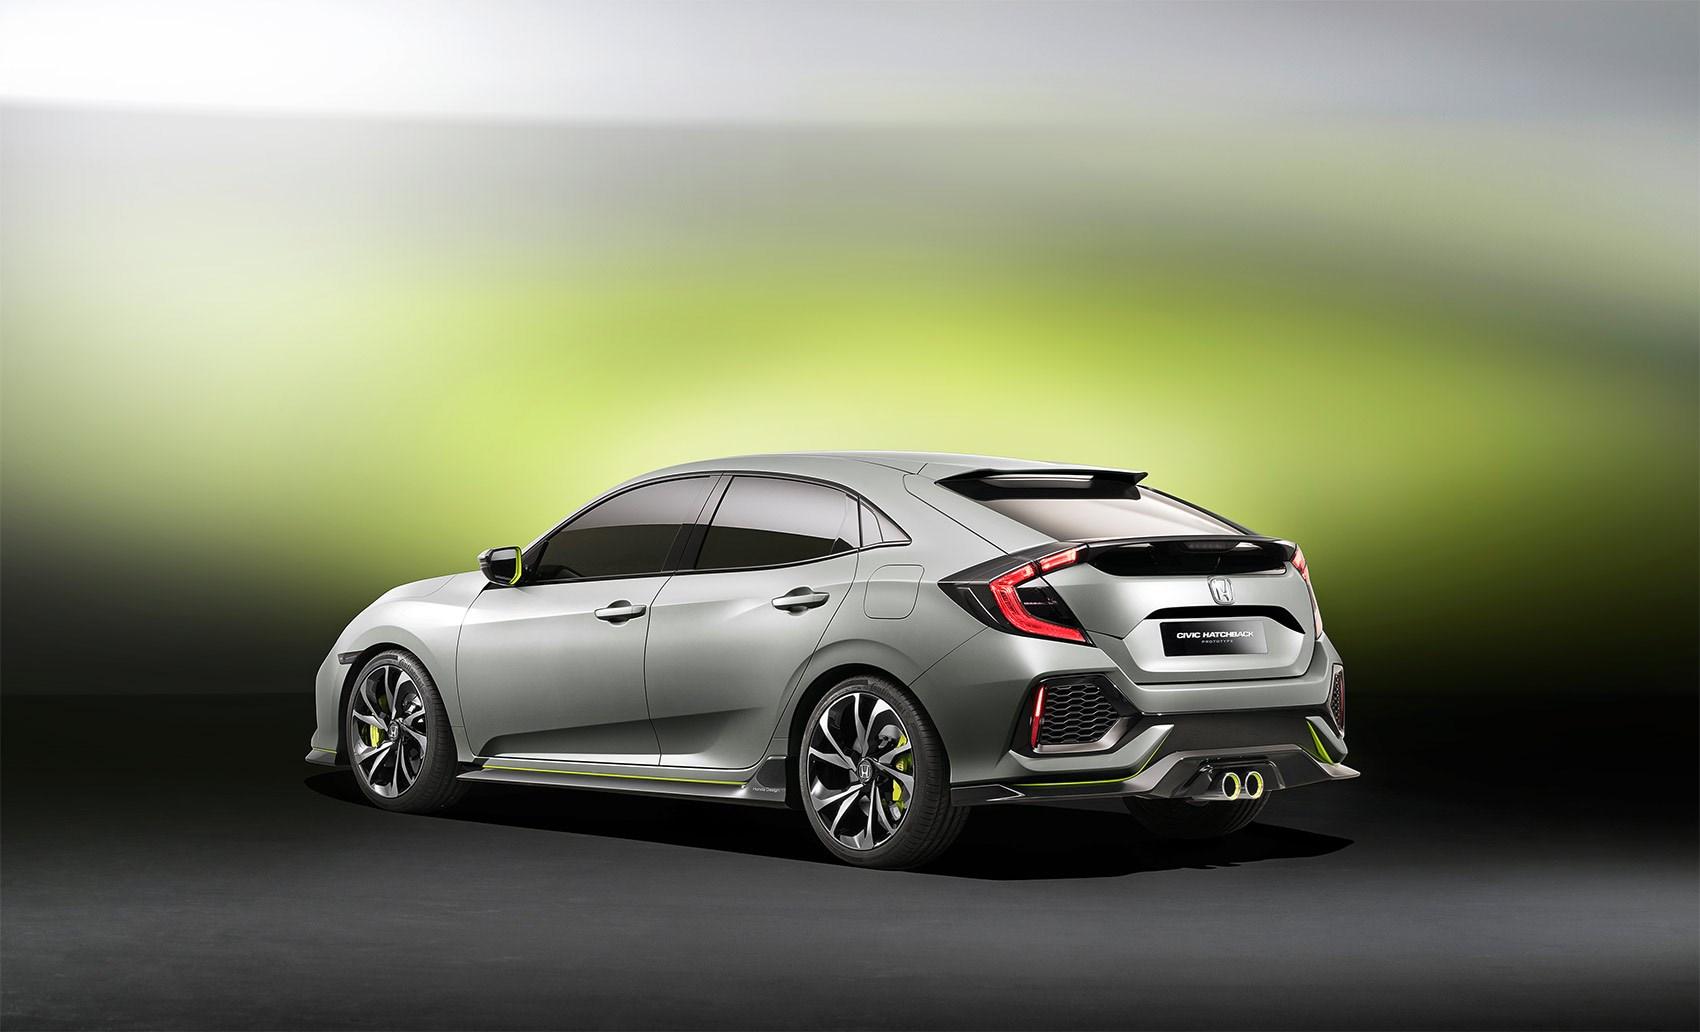 New Car Debrief 10th Gen Honda Civic Prototype Car April 2016